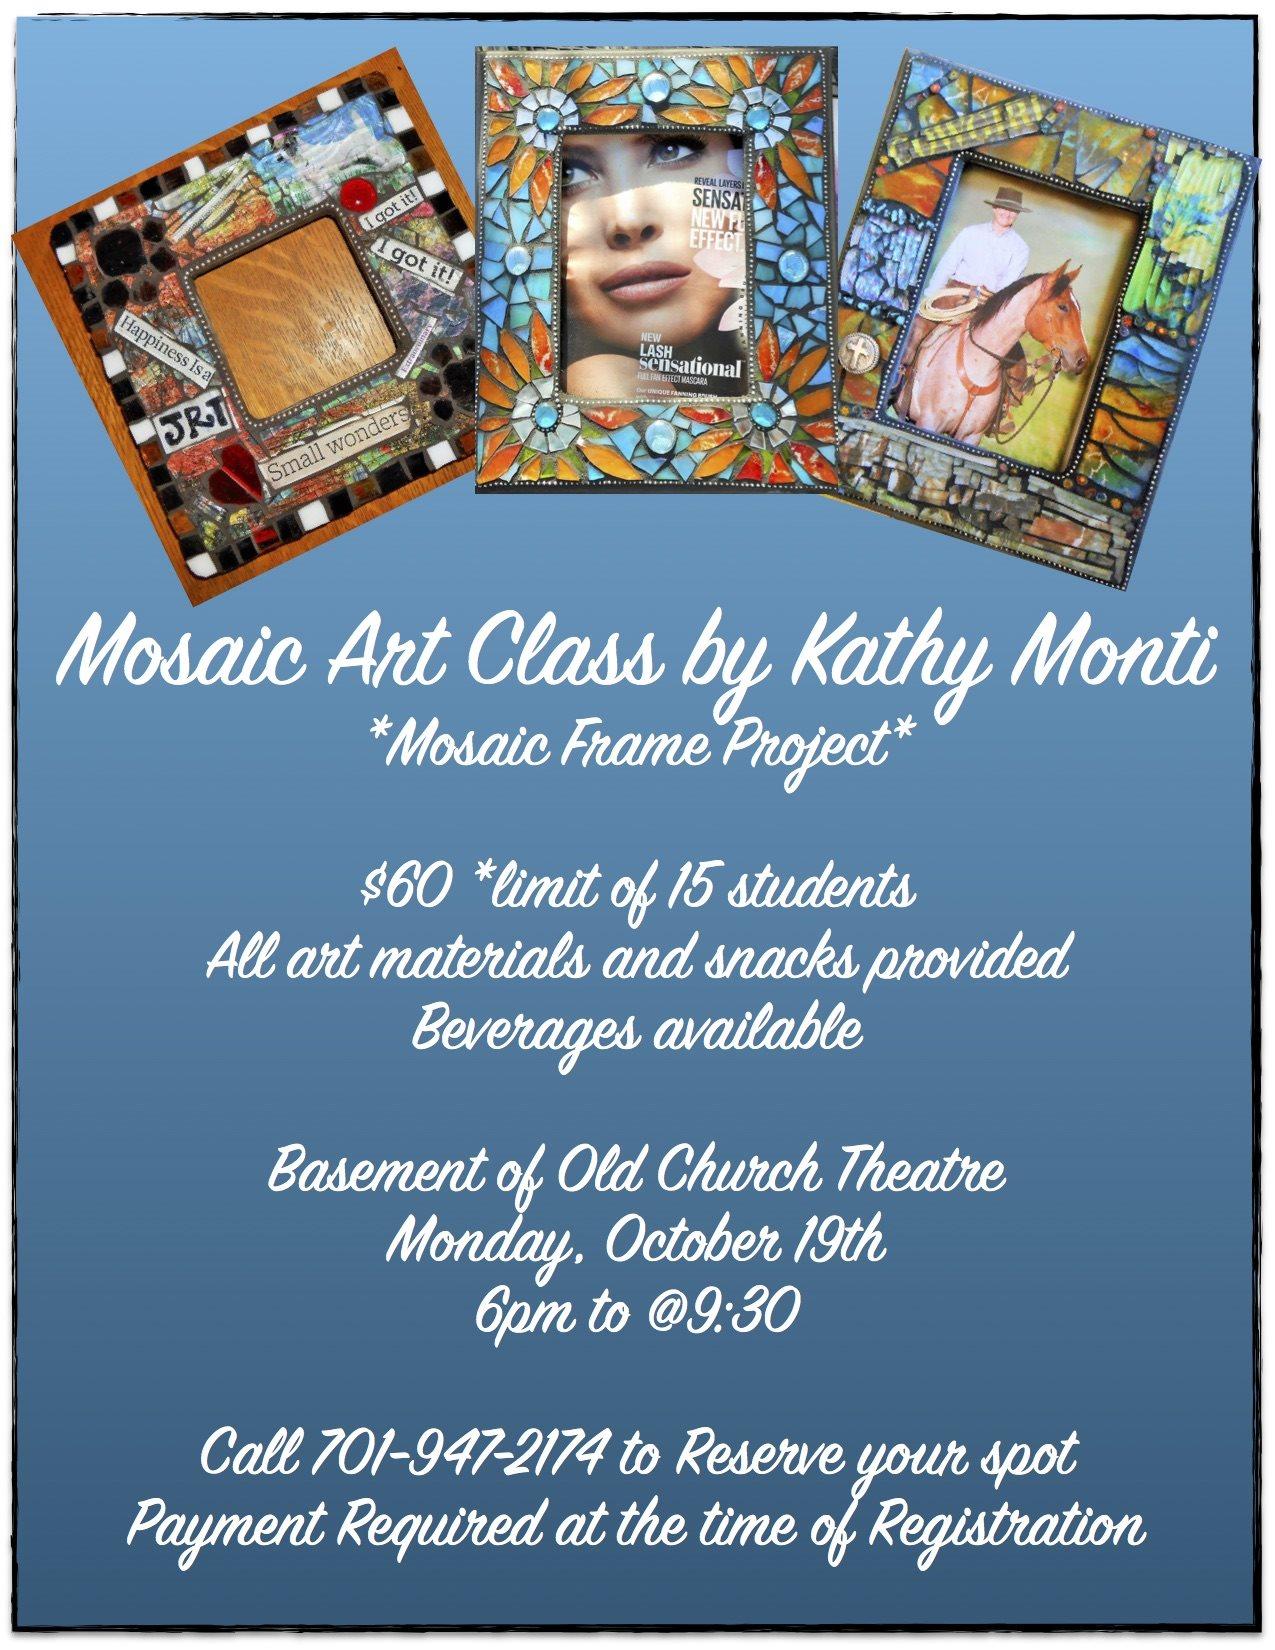 Mosaic Art Class jpeg.jpg